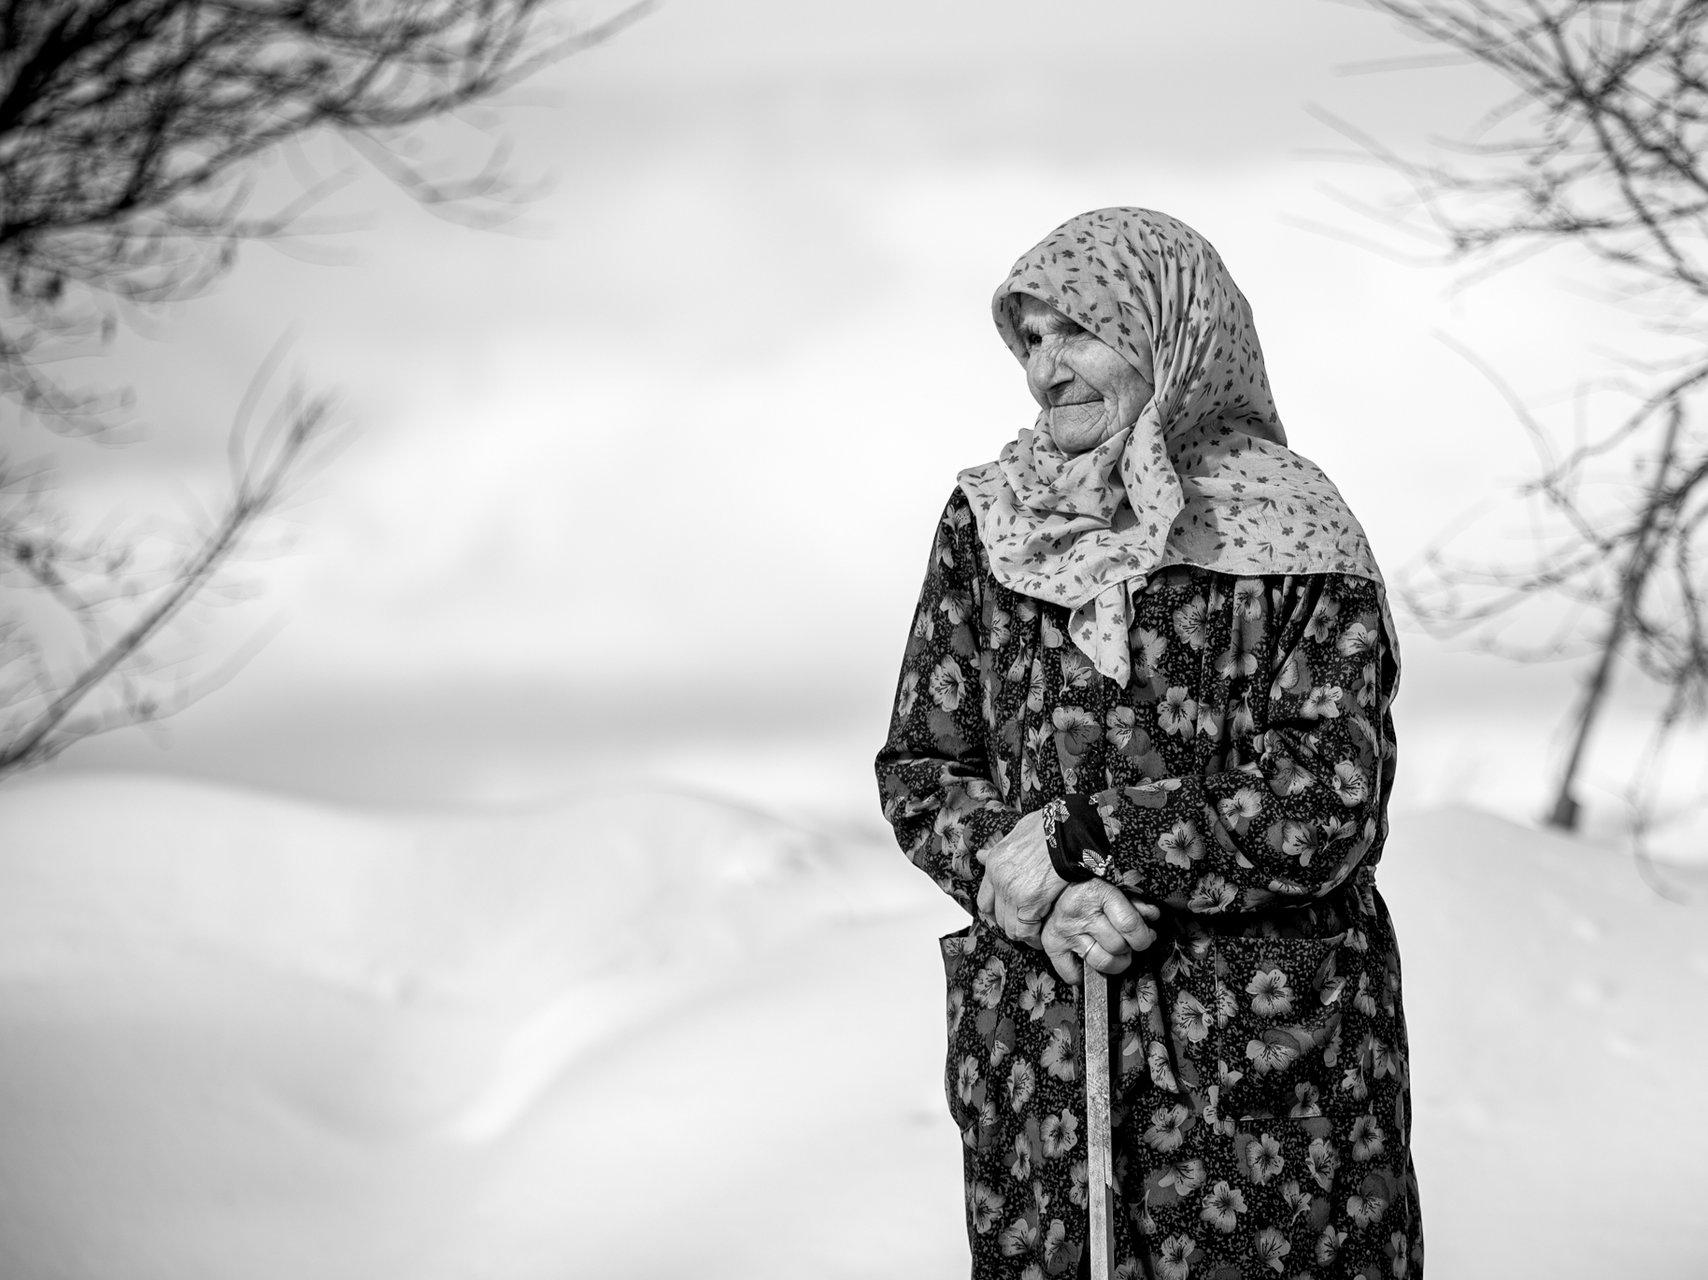 Зима в Родопите | Author Noncho Ivanov - non40 | PHOTO FORUM